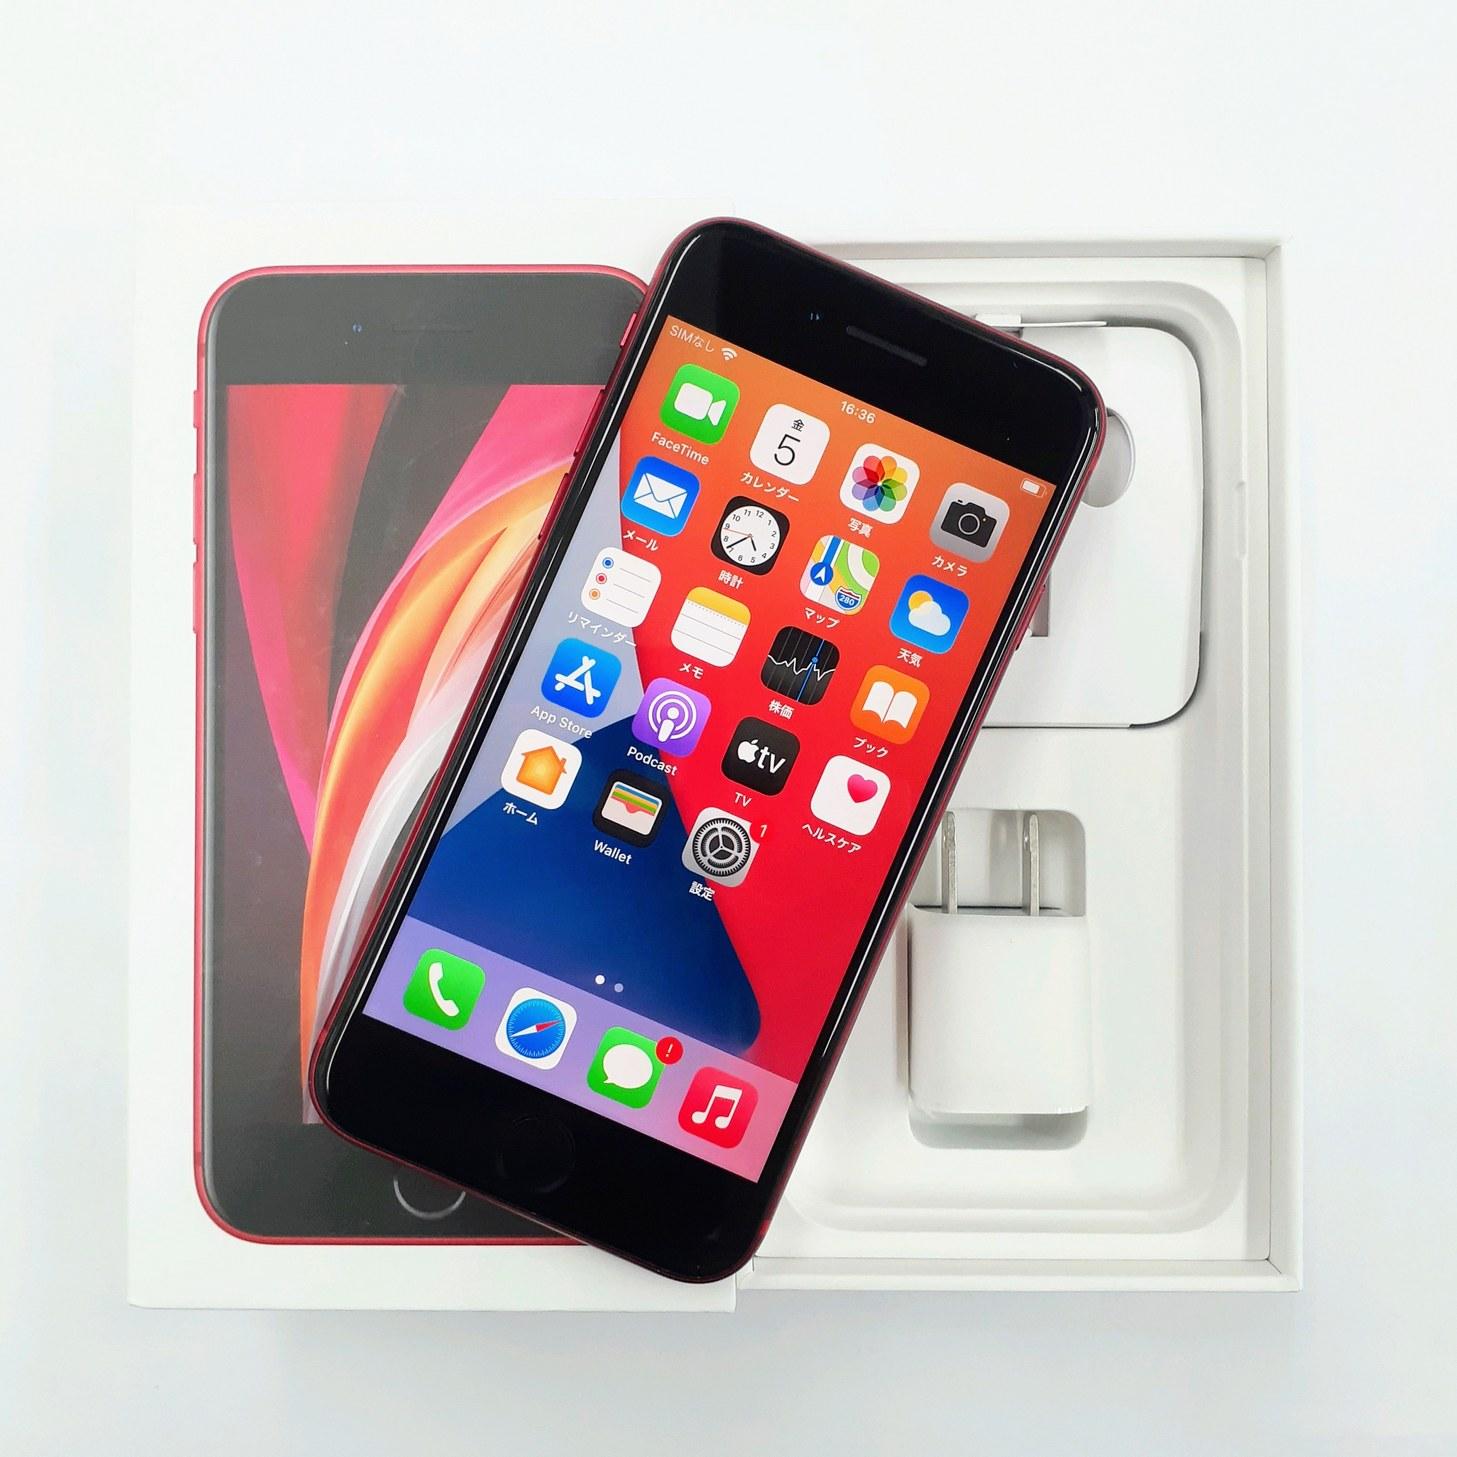 iPhoneSE(第2世代) 64GB (○判定 Cランク)